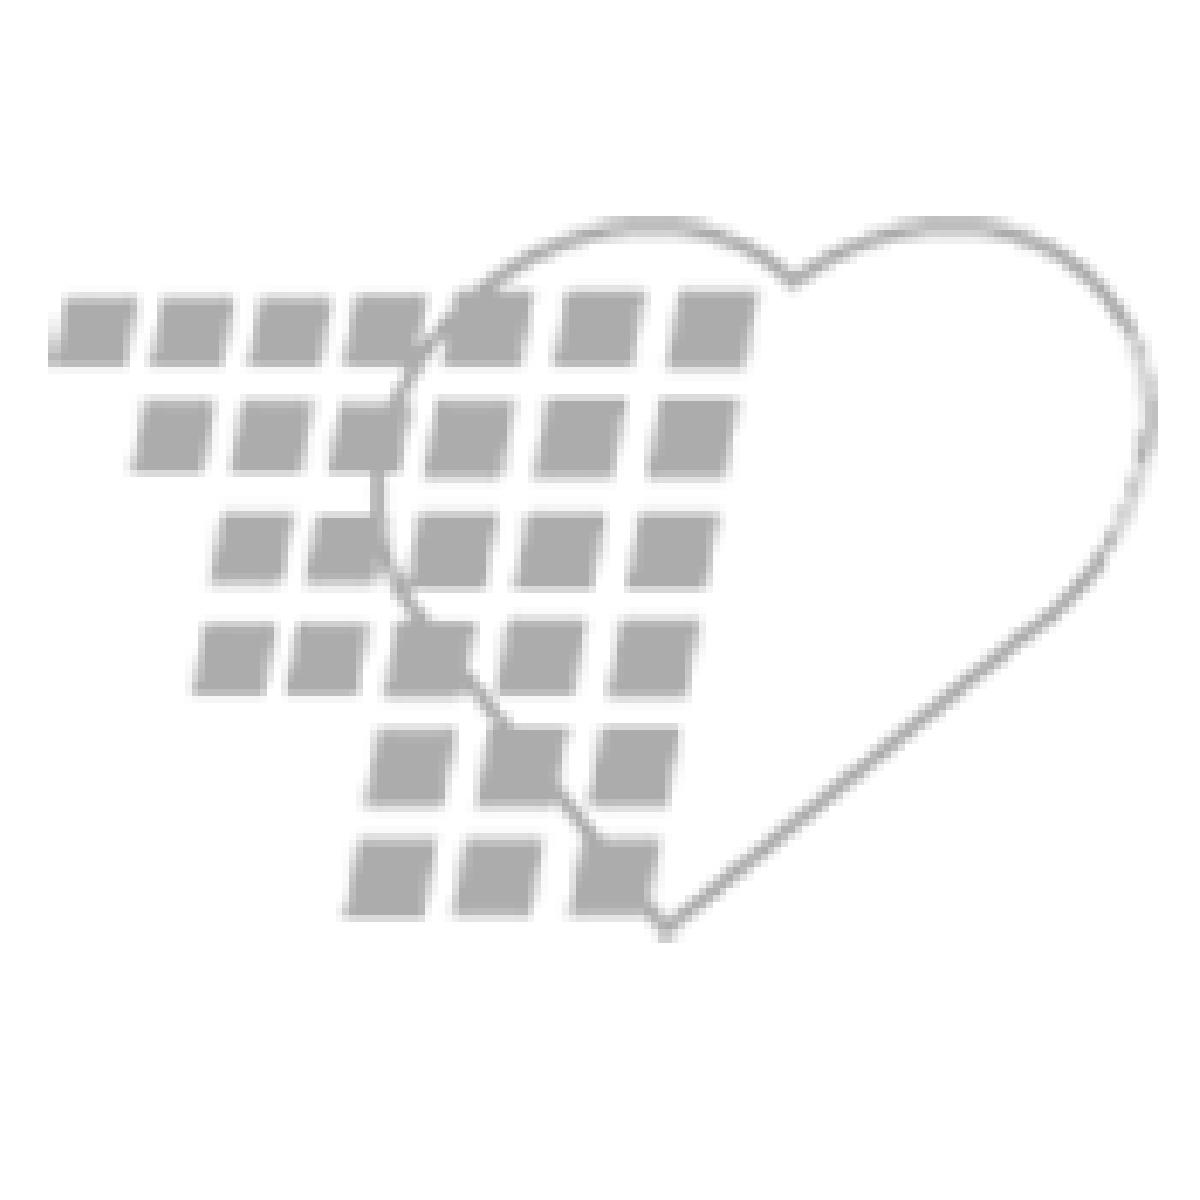 06 21 3659 Bd Microtainer 174 Tube With Dipotassium Edta